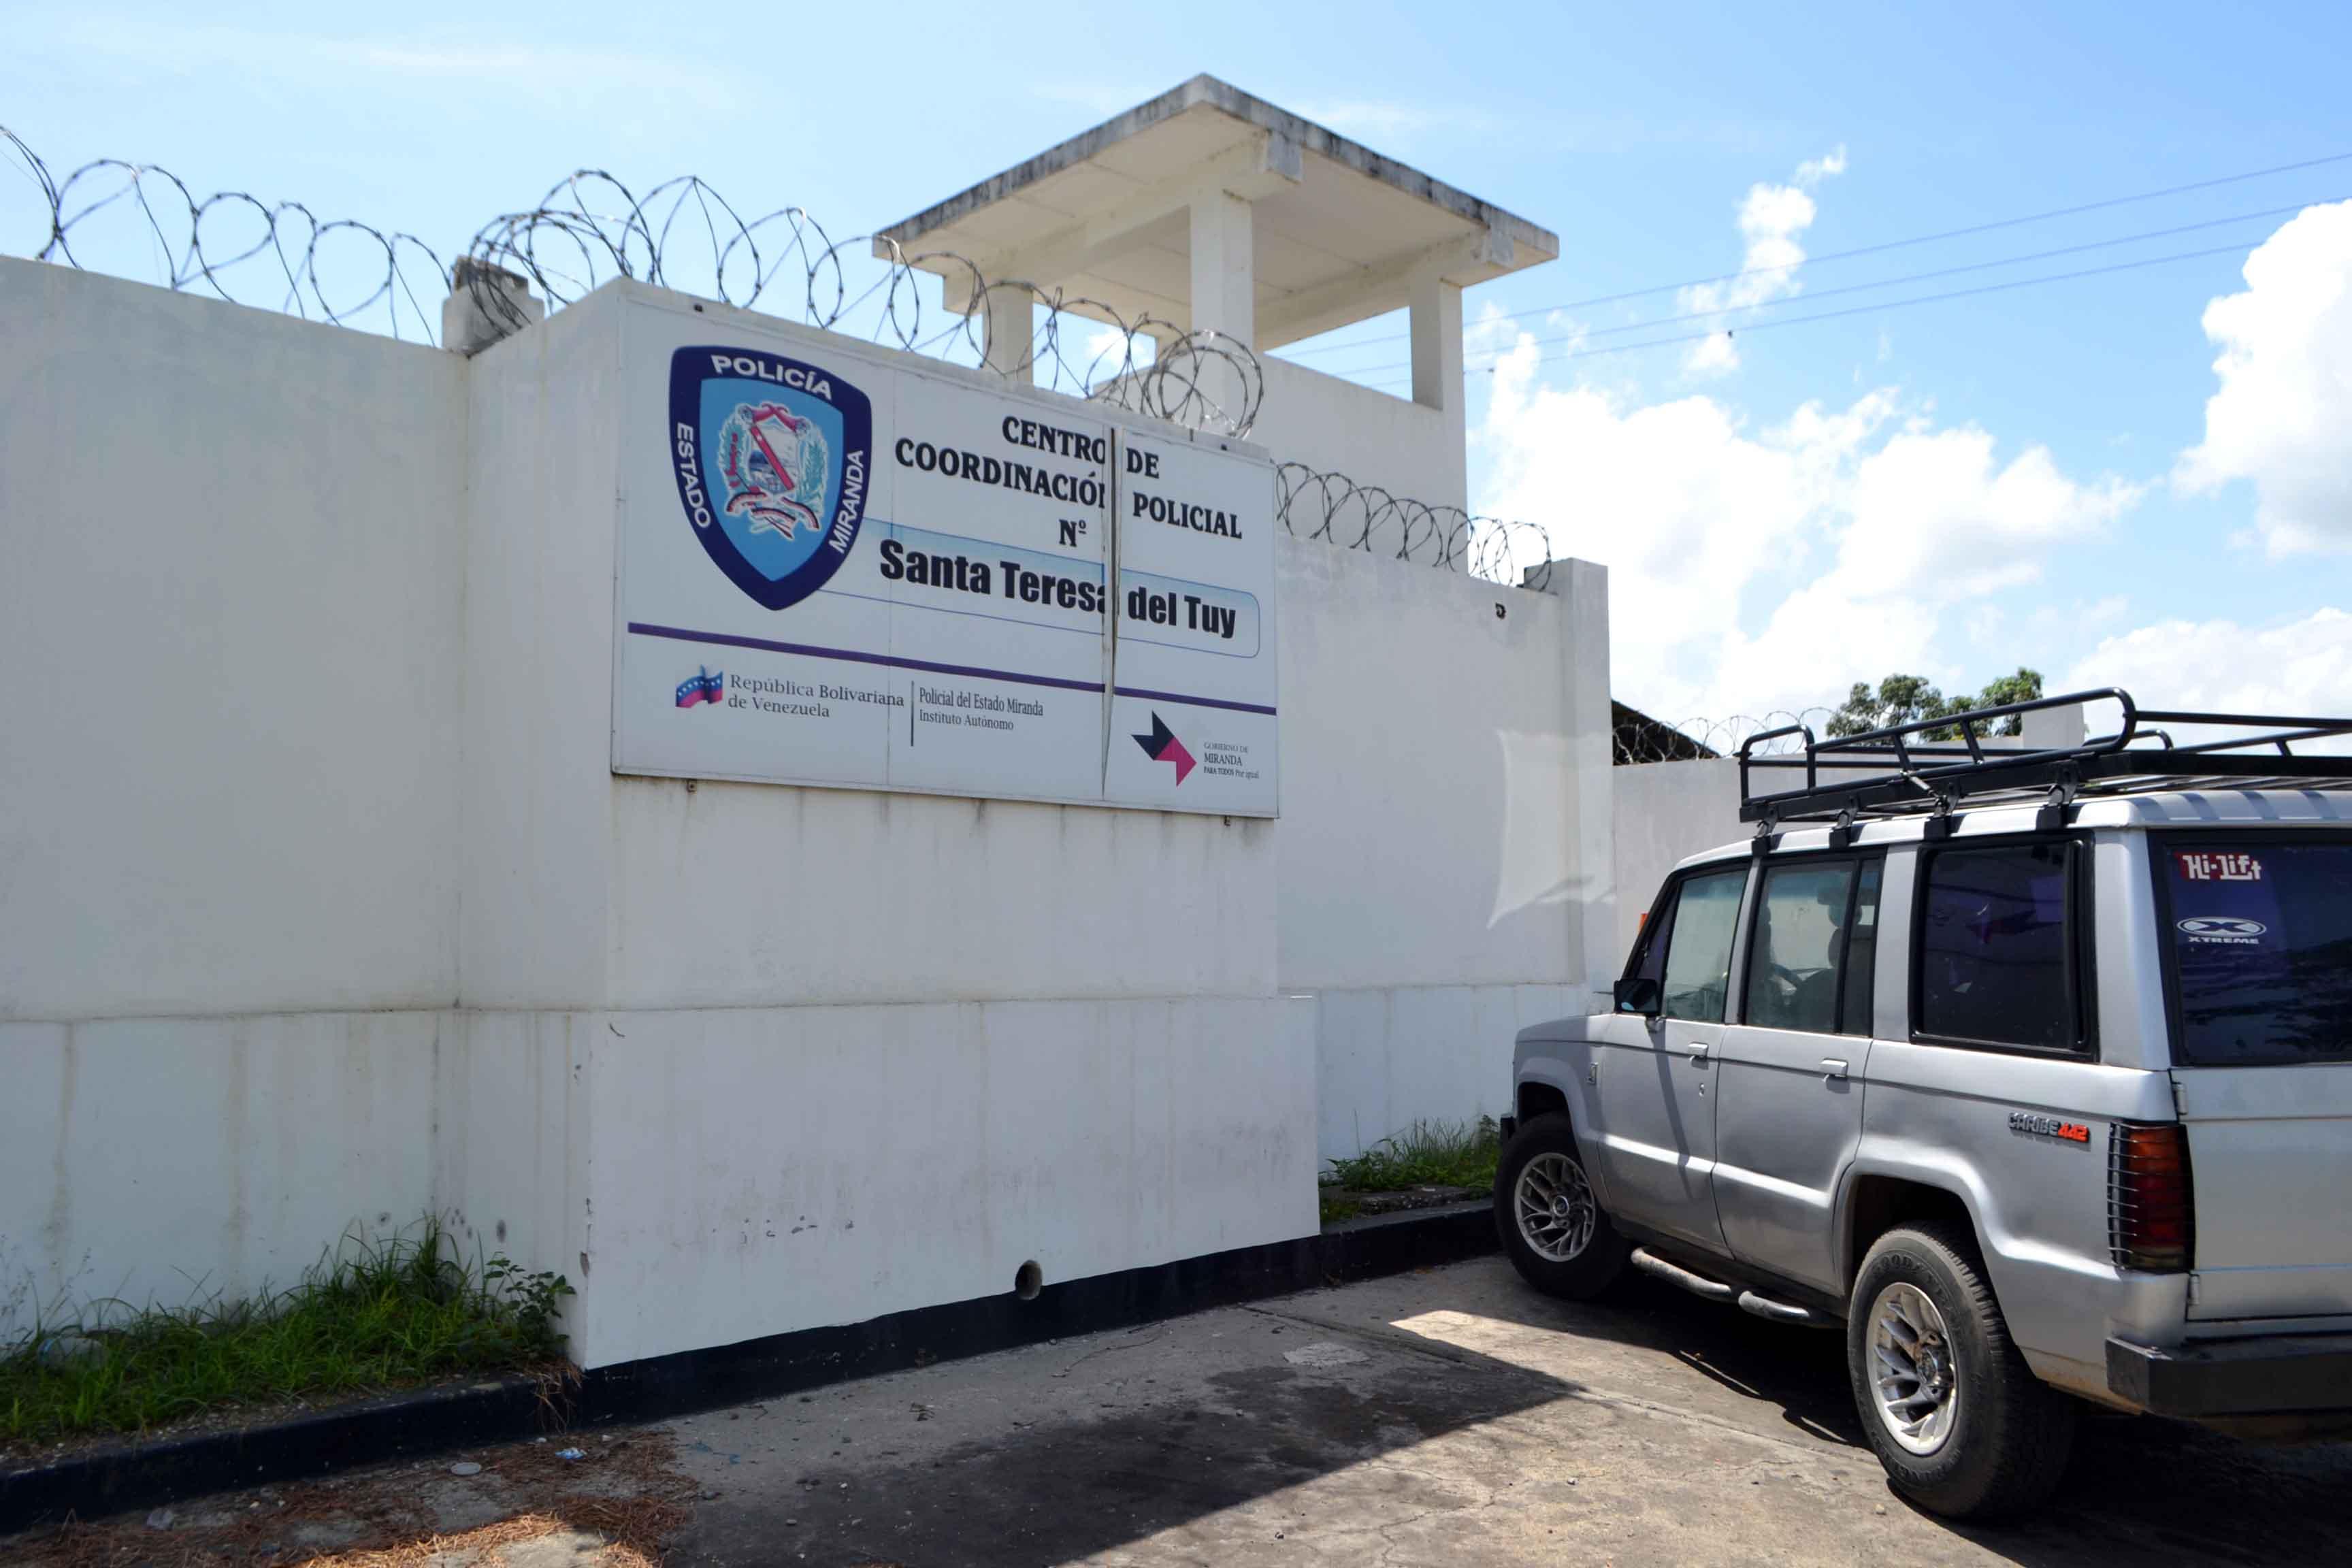 Centro de Coordinación Policial N5 - Santa Teresa.</body></html>